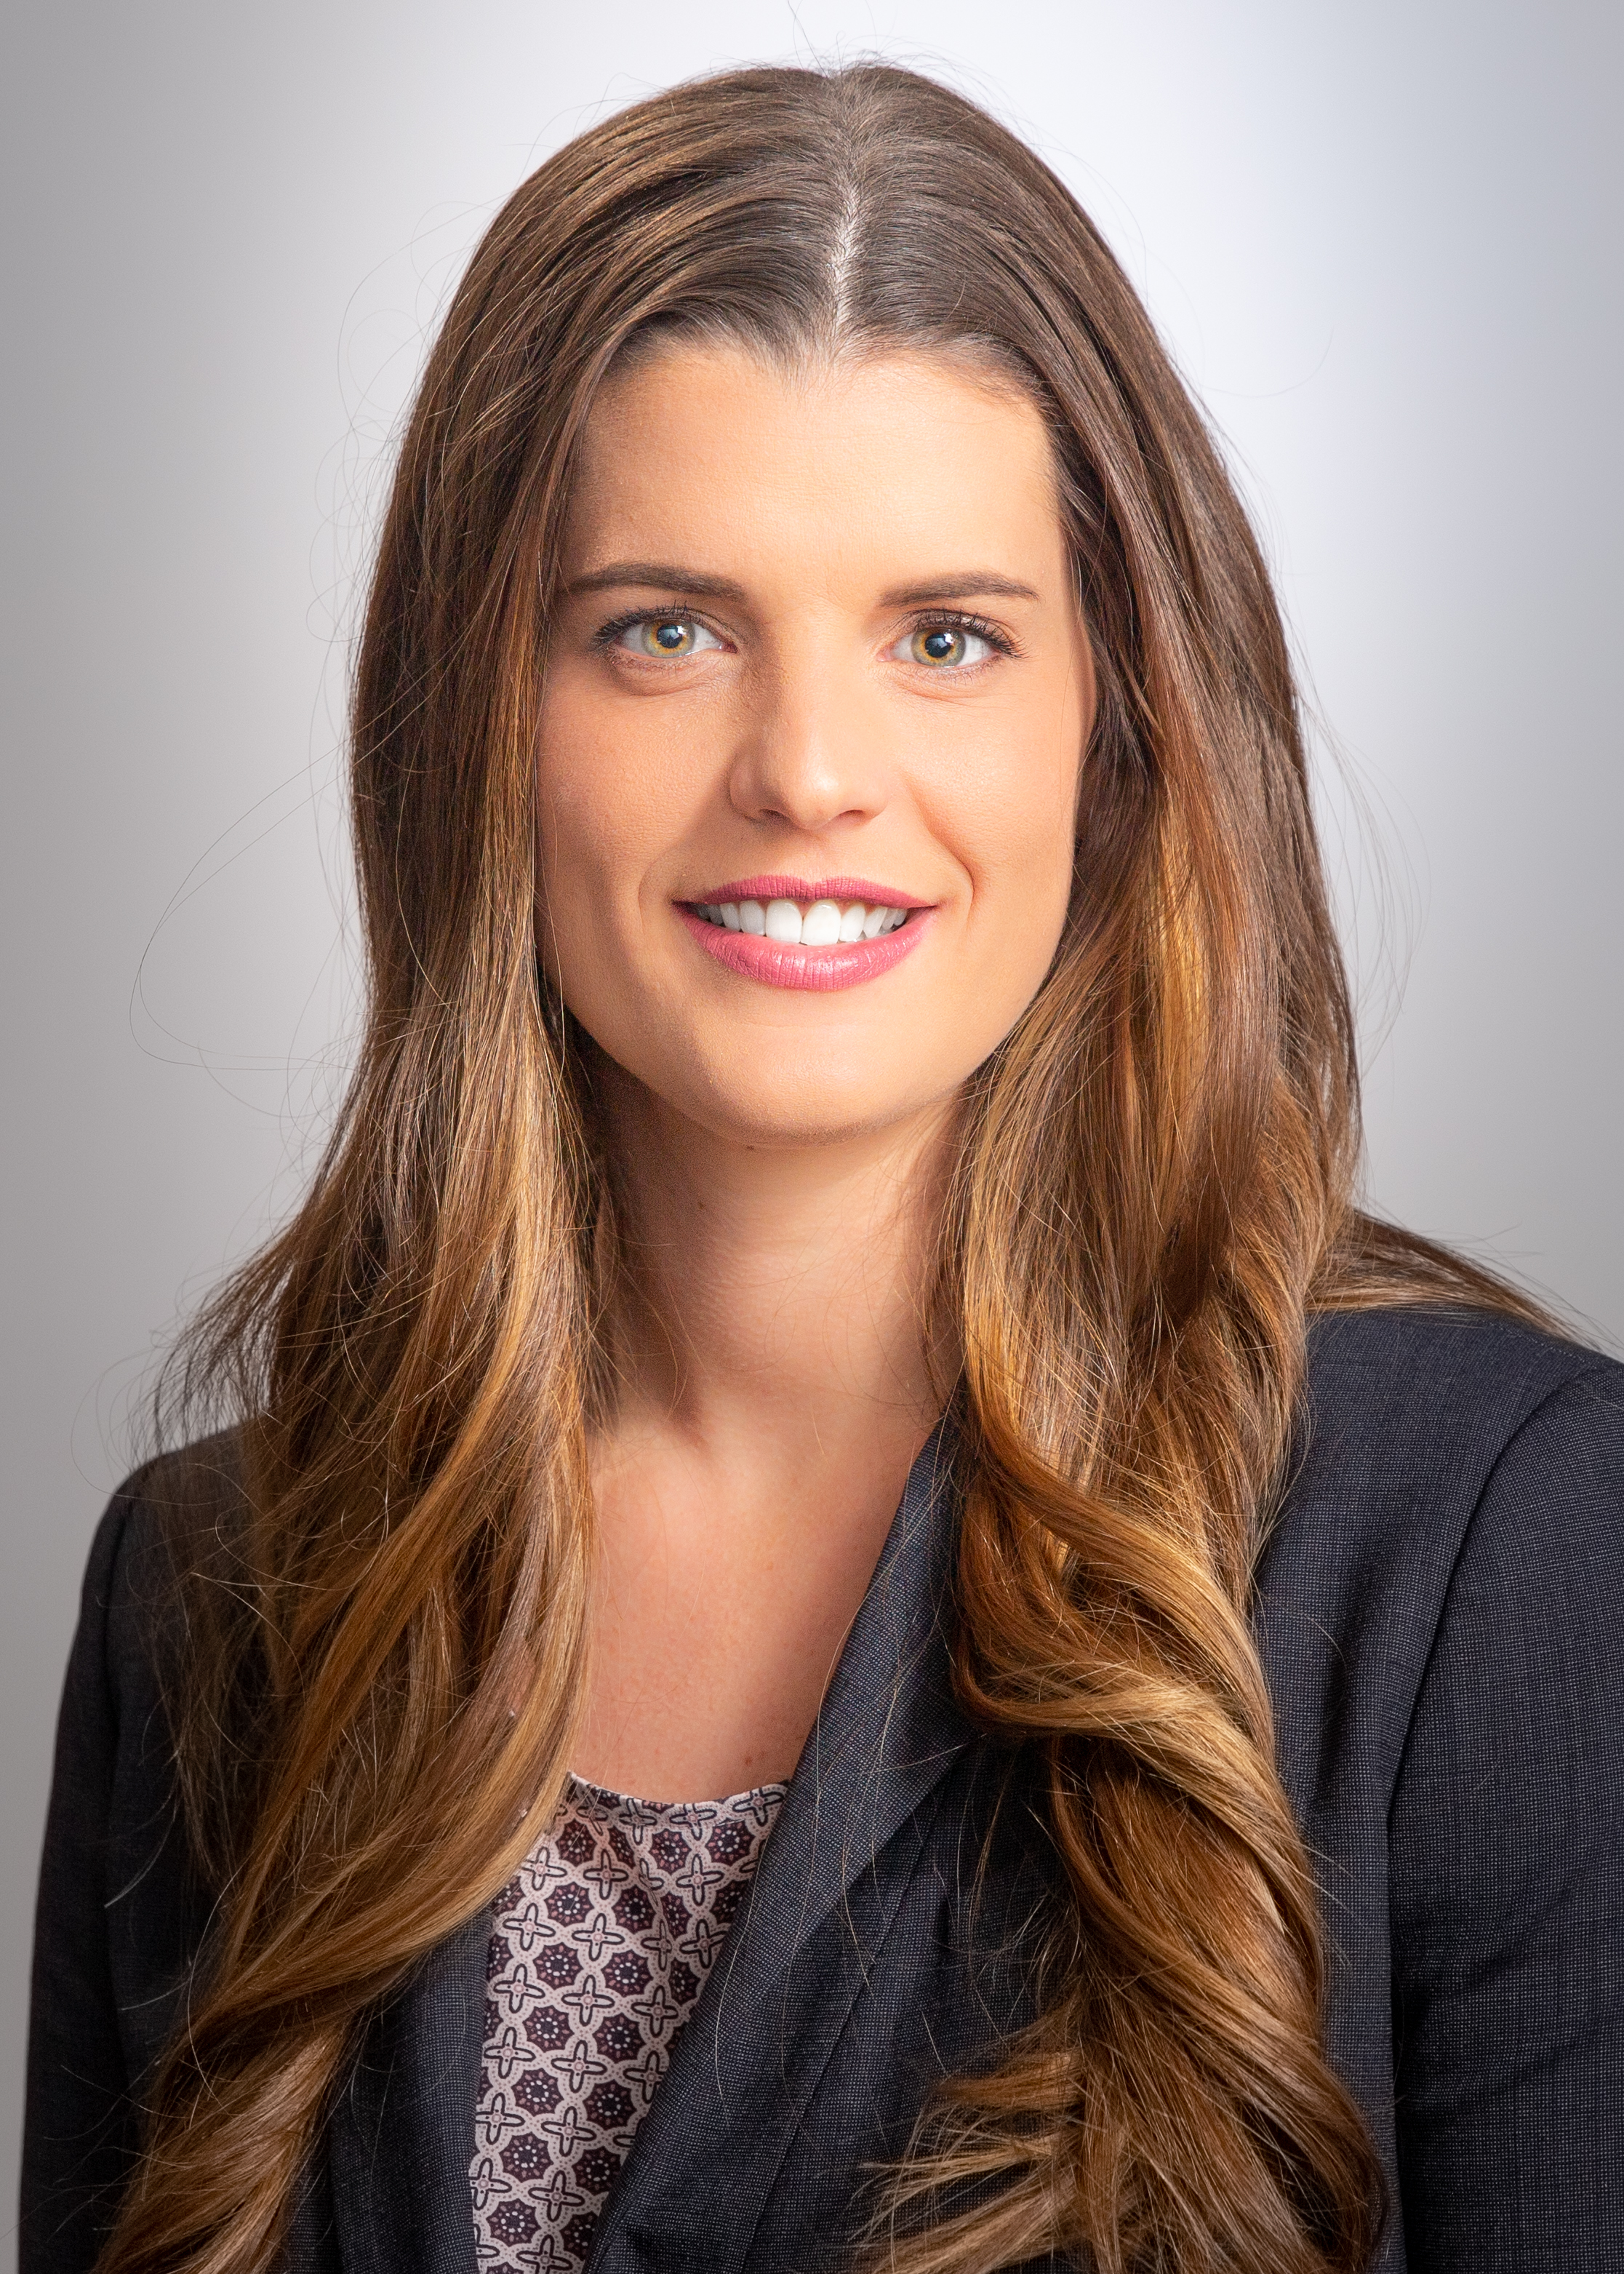 Katherine Gavin, dottore in medicina